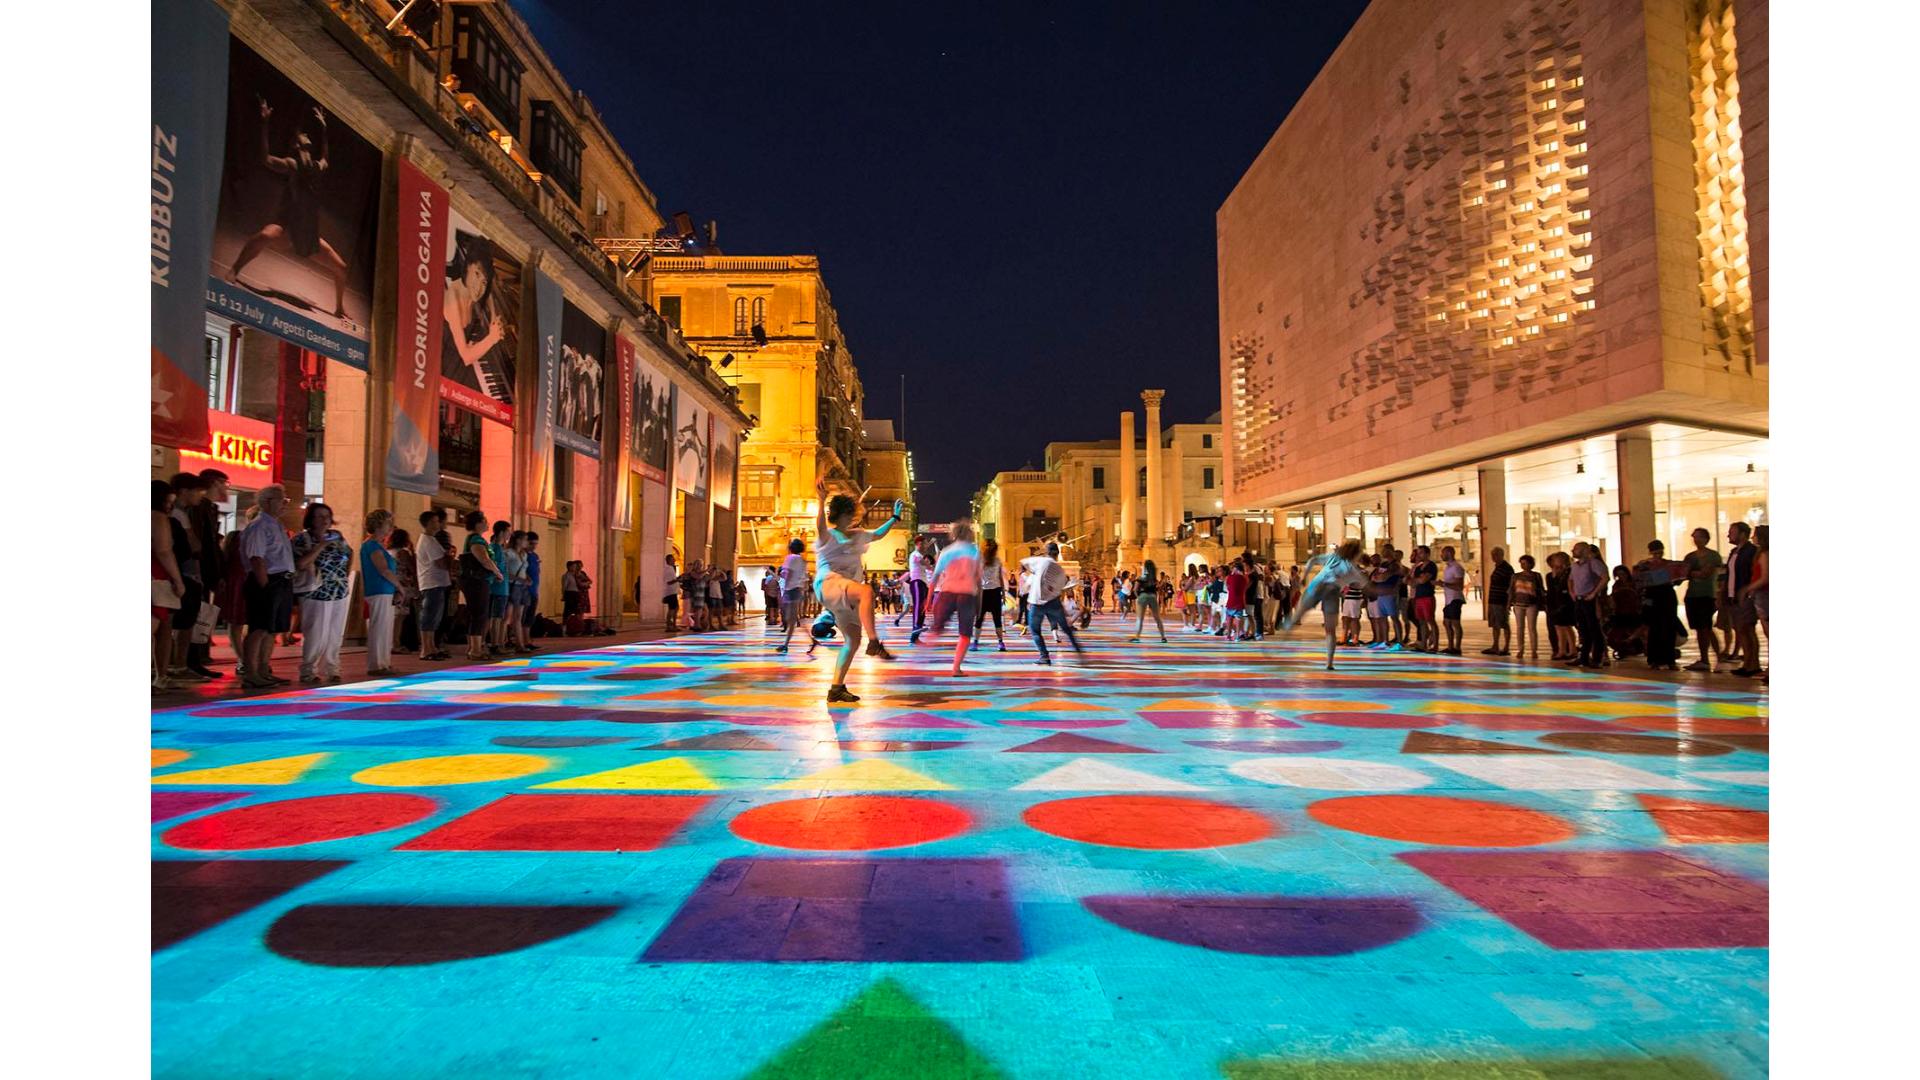 Malta International Arts Festival 2018